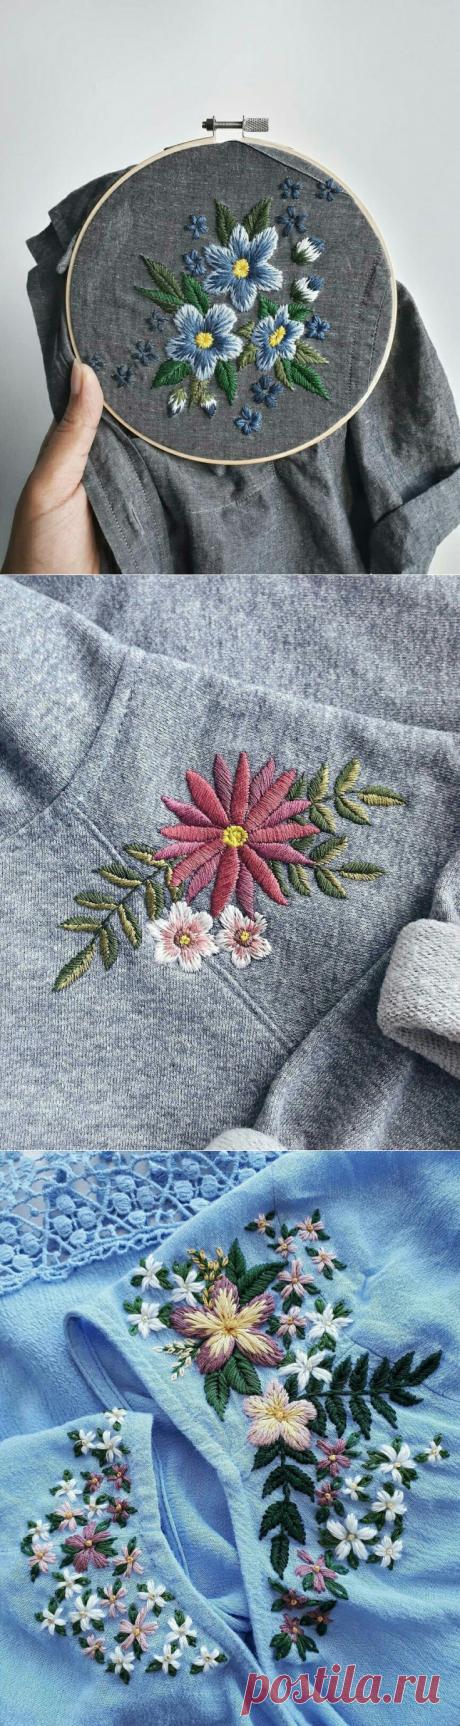 Лето уже скоро - идеи для вышивки летних вещиц